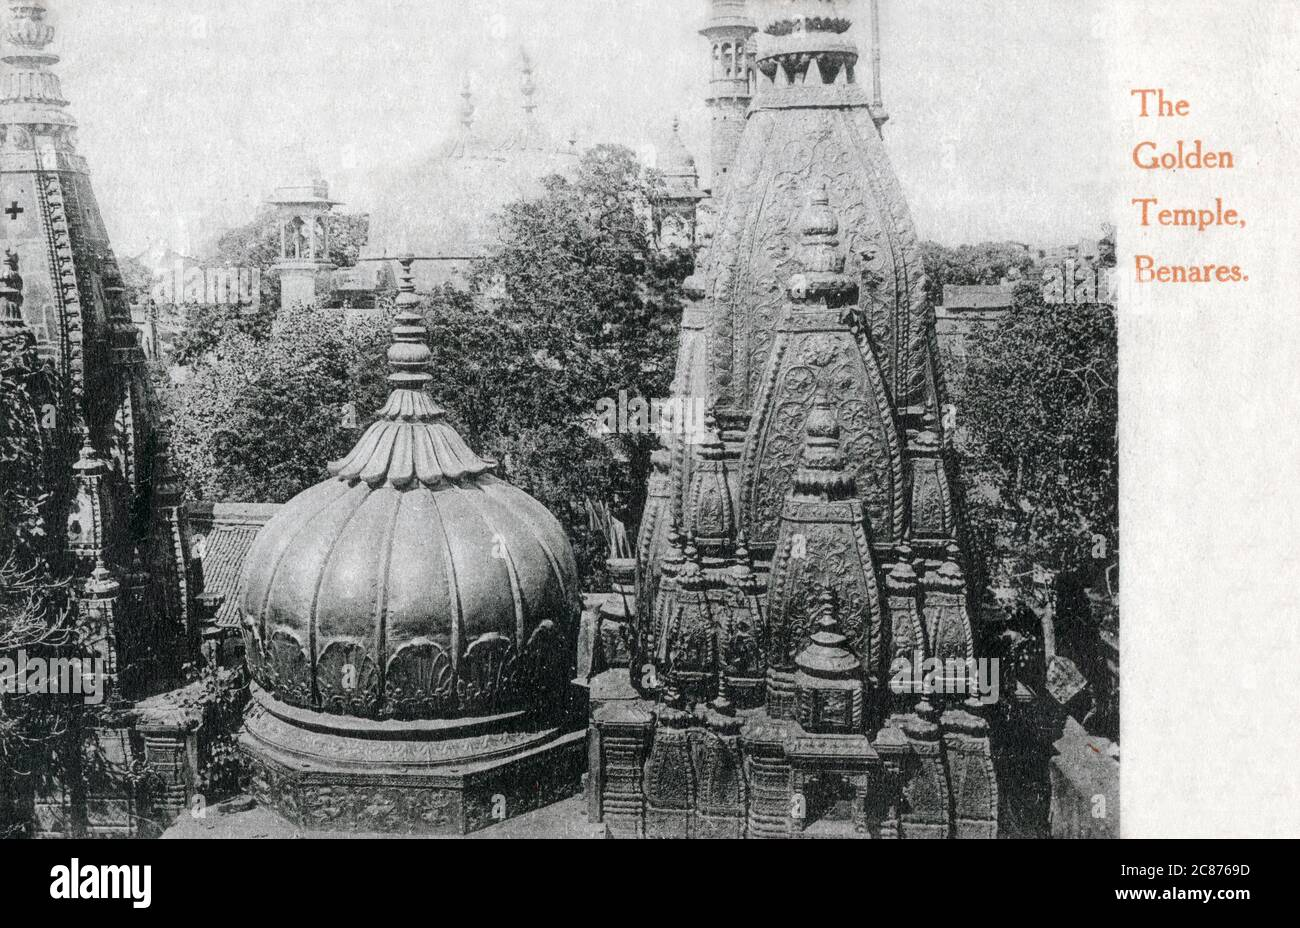 Le temple Shri Kashi Vishwanath (Temple d'or) dédié à Lord Shiva, Varanasi (Benares), Uttar Pradesh, Inde. Le Temple se trouve sur la rive ouest du fleuve Saint Ganga, et est l'un des douze Jyotirlingas, le plus sacré des temples de Shiva Date : 1908 Banque D'Images